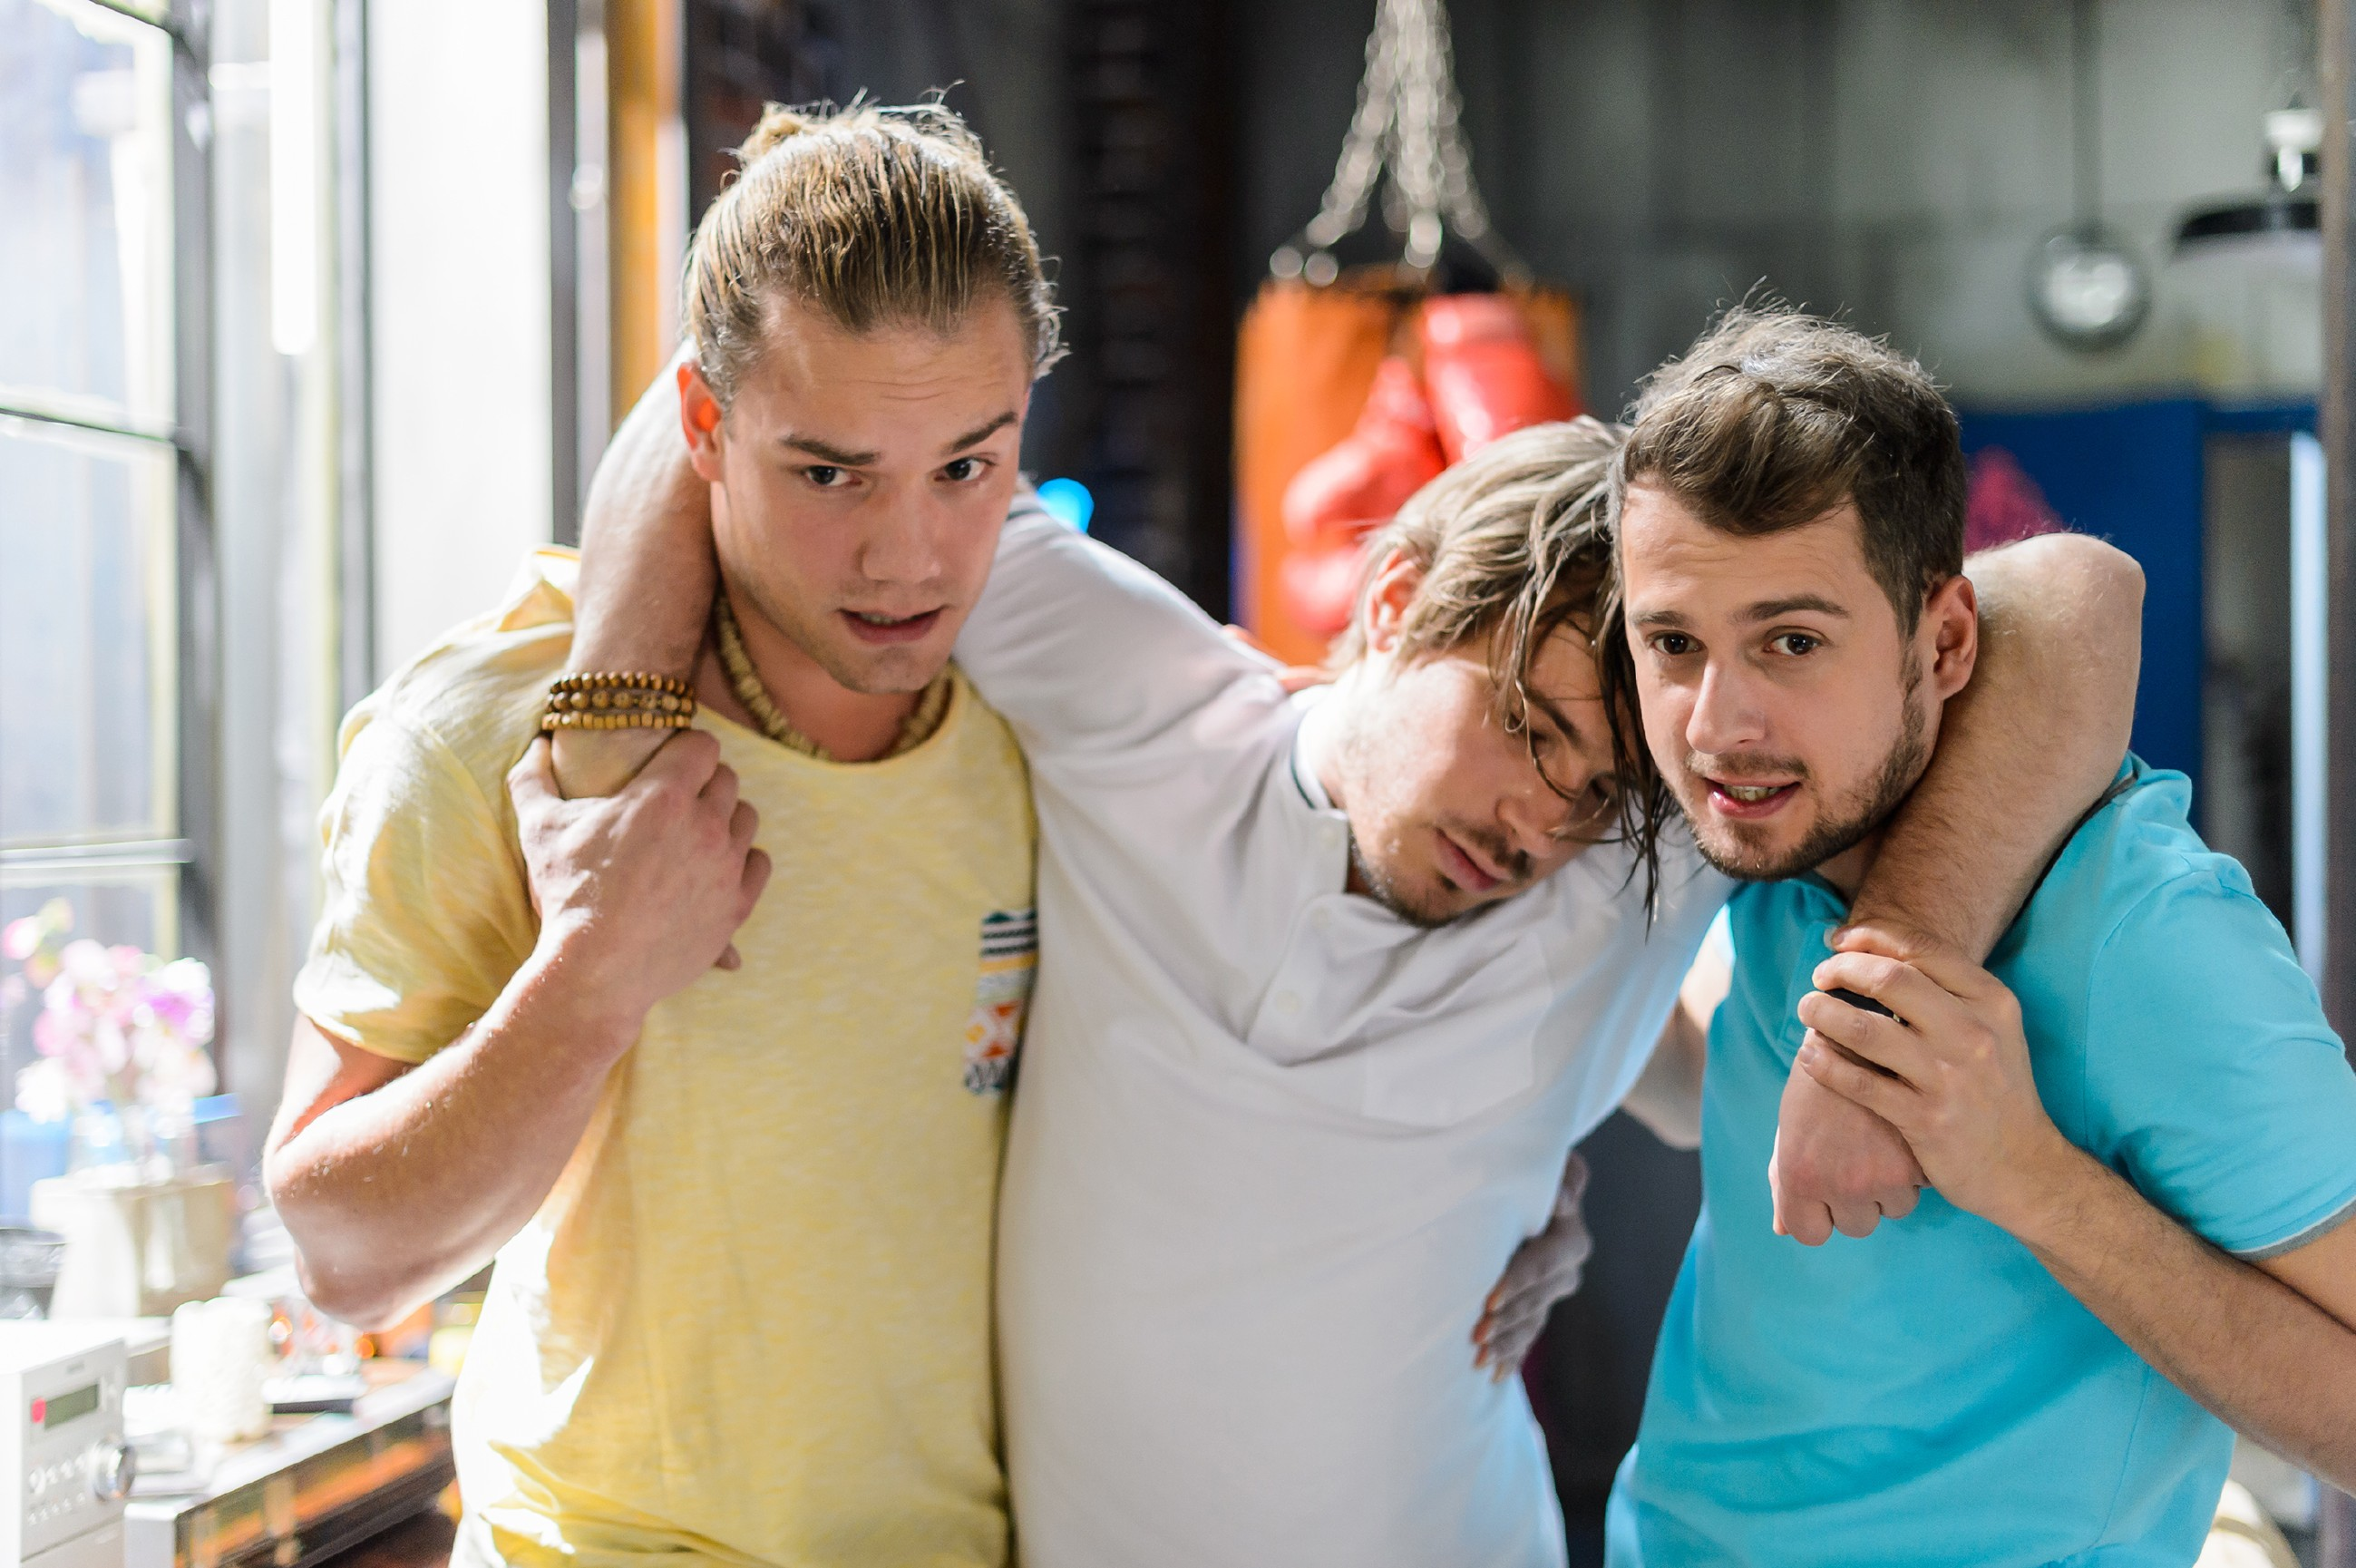 Leo (Julian Bayer, l.) und Tobi (Michael Jassin, r.) kümmern sich um Sam (Alexander Milz), der von Leo abgefüllt wurde, damit er nicht mit Marie flirten kann. (Quelle: RTL / Willi Weber)